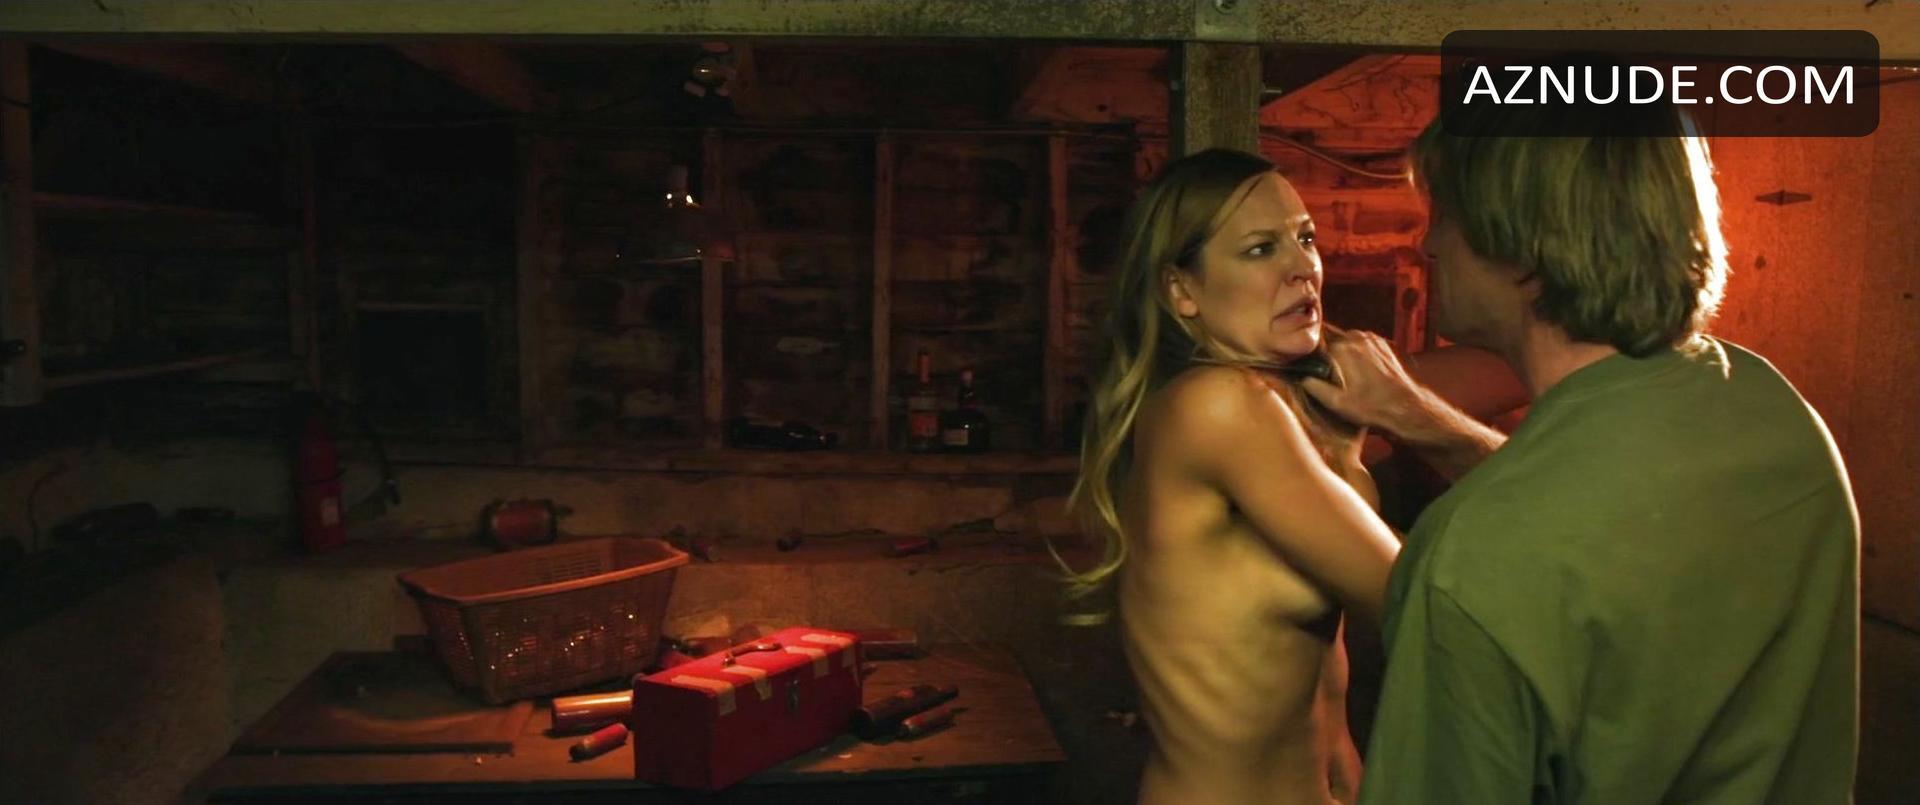 single nudist women